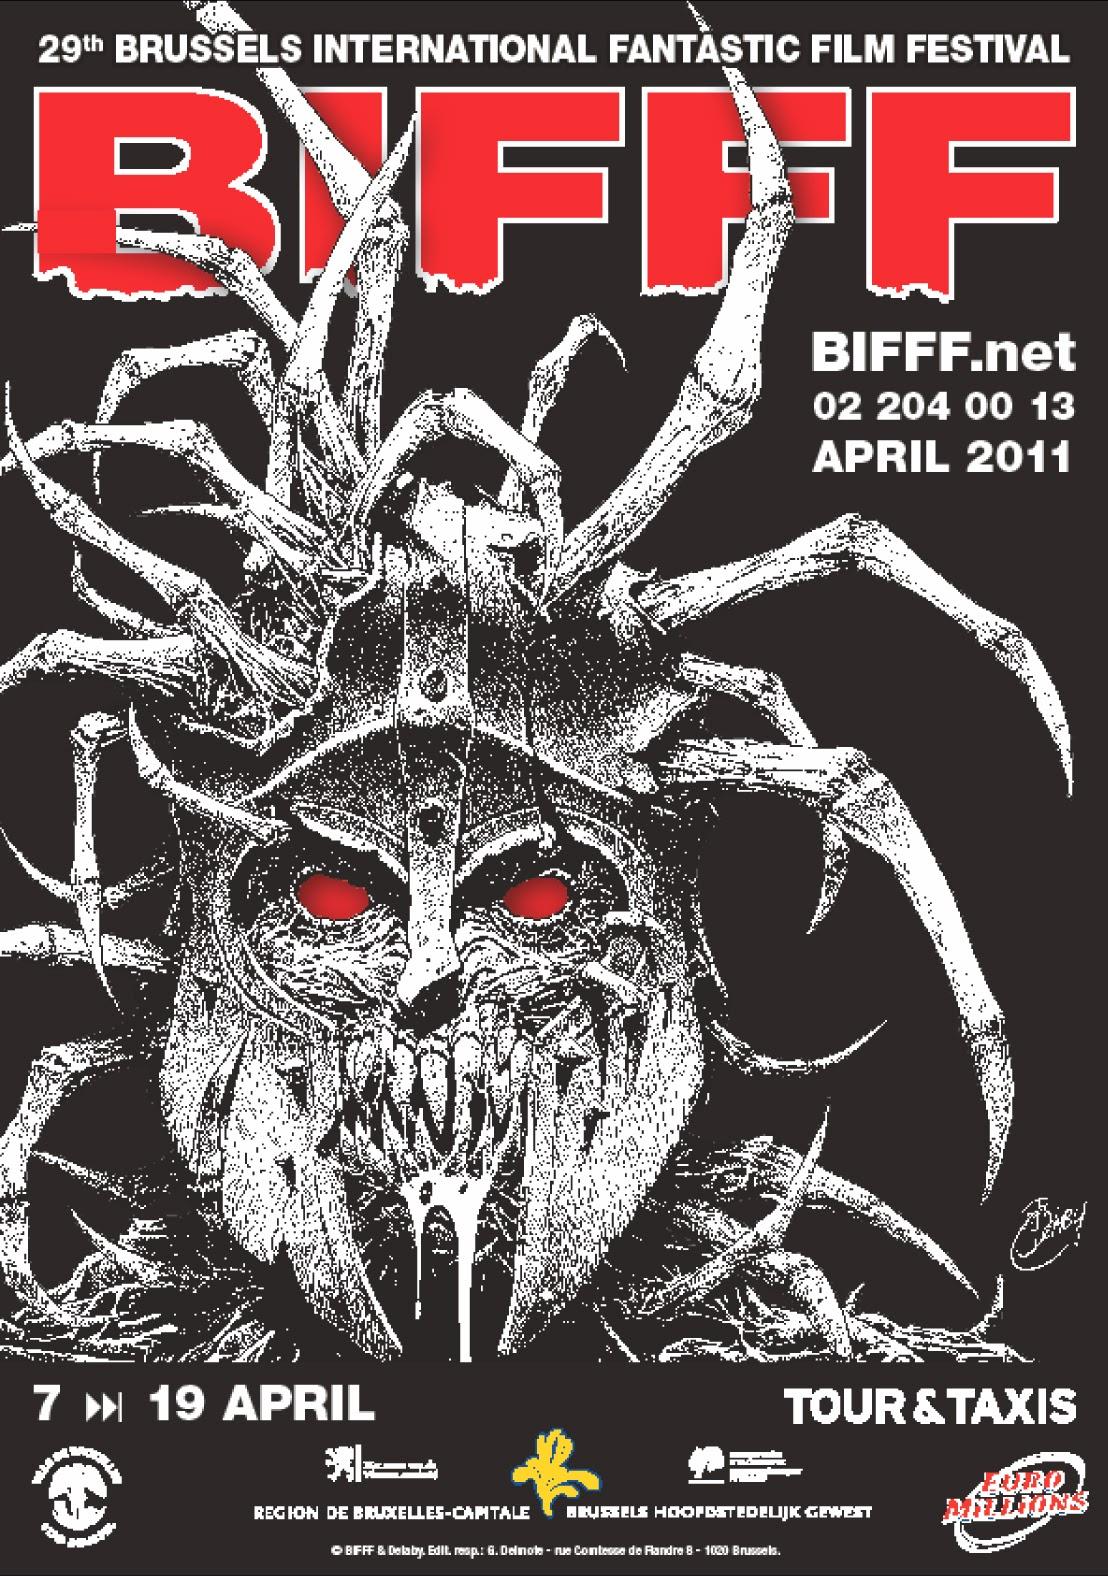 L'affiche du 29e BIFFF